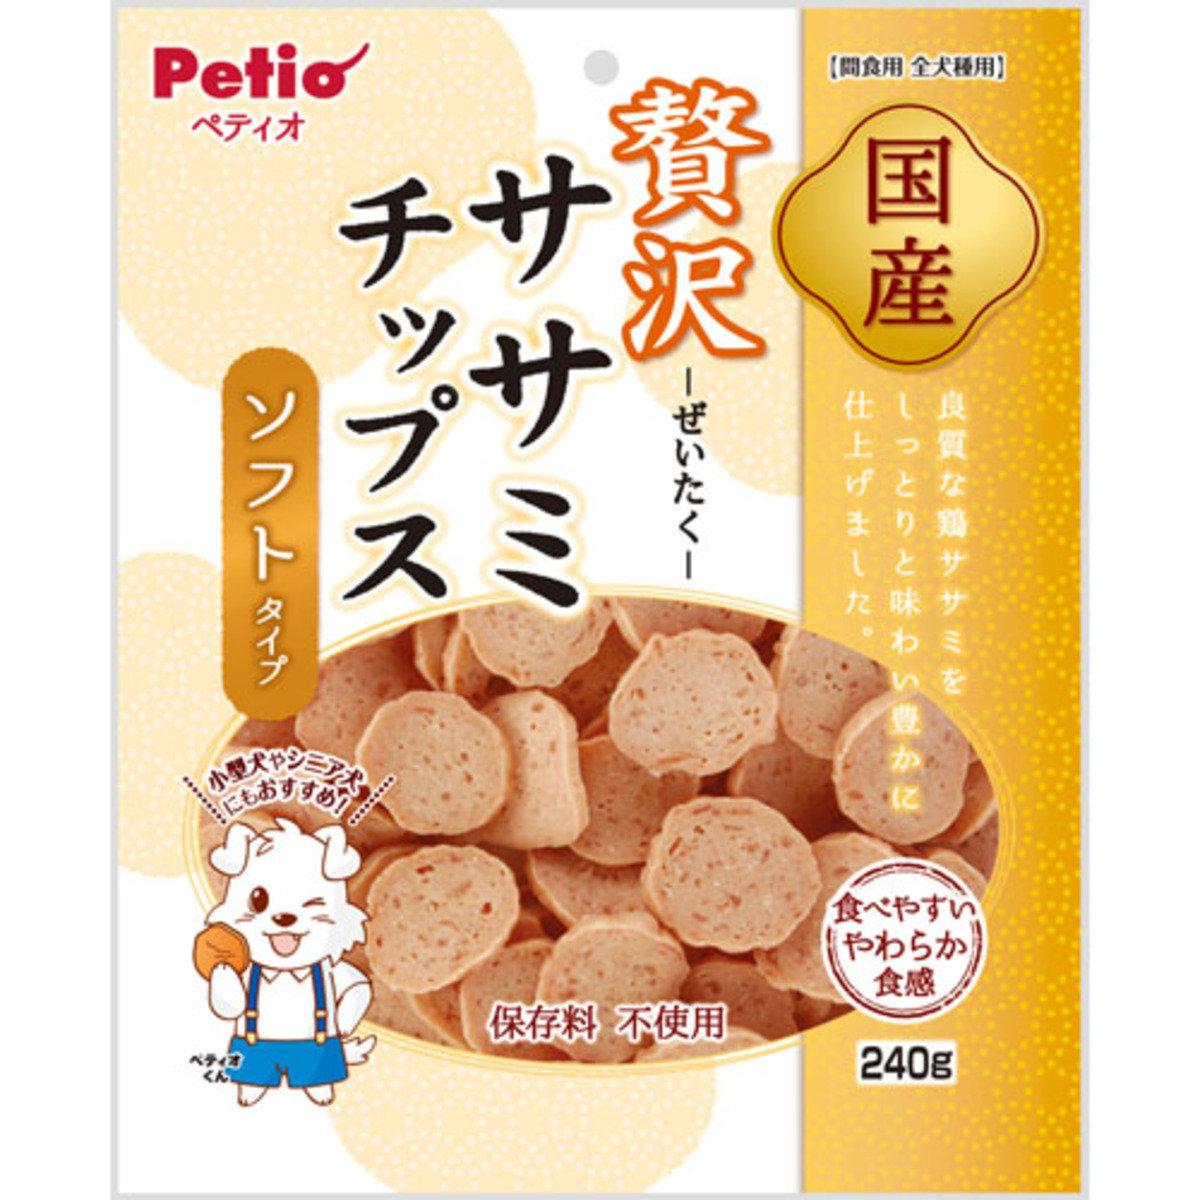 狗小食雞胸肉圓片(W12613)